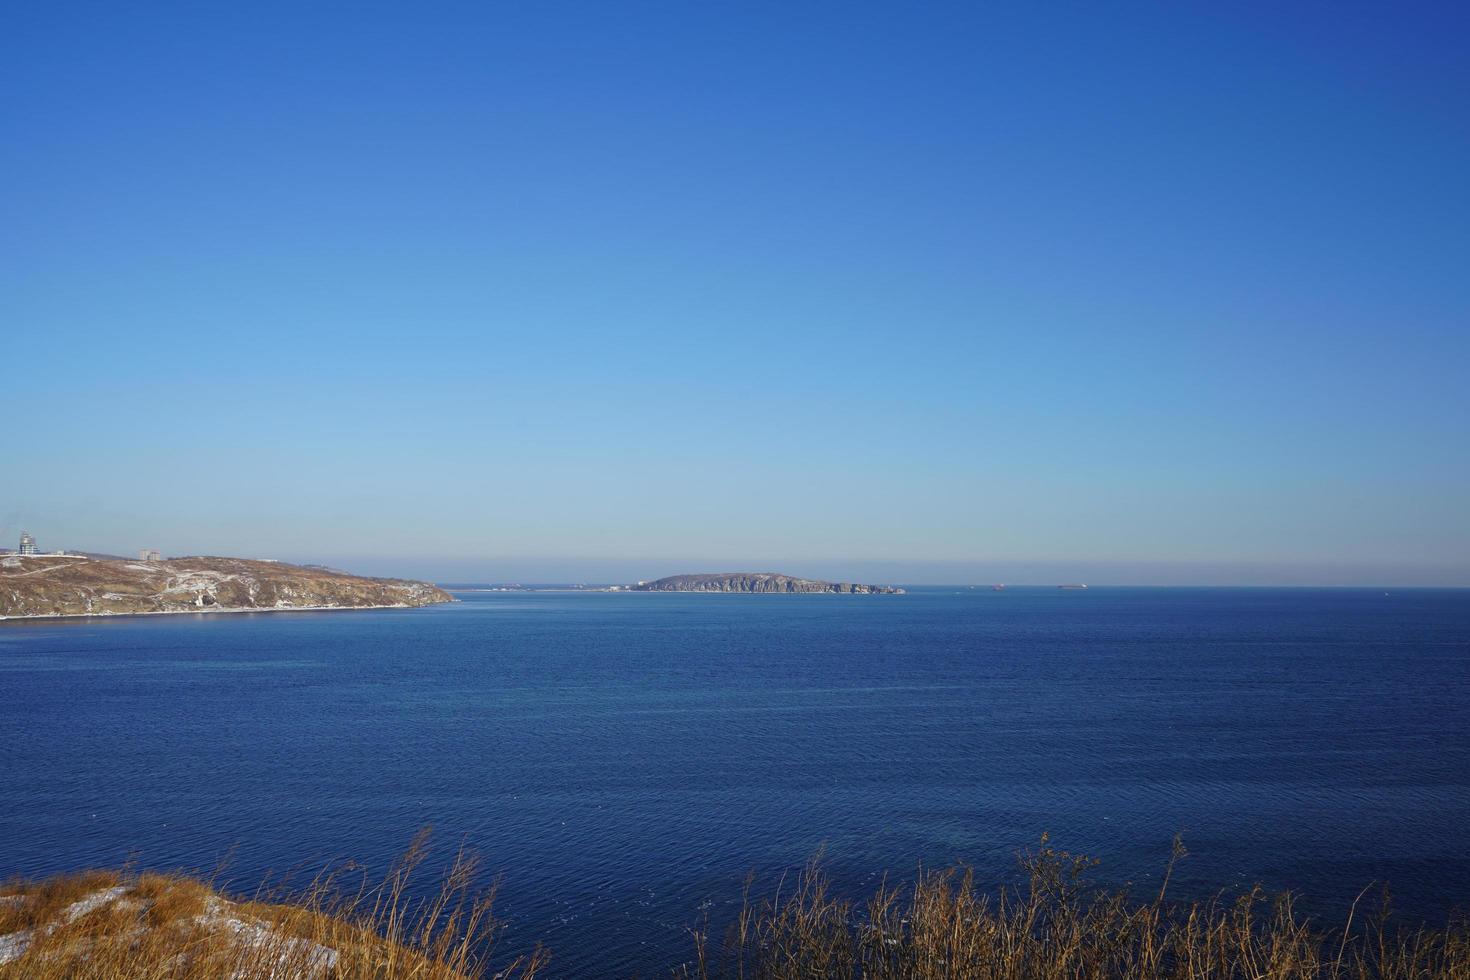 Paisaje marino de un cuerpo de agua y costa con un cielo azul claro en Vladivostok, Rusia foto